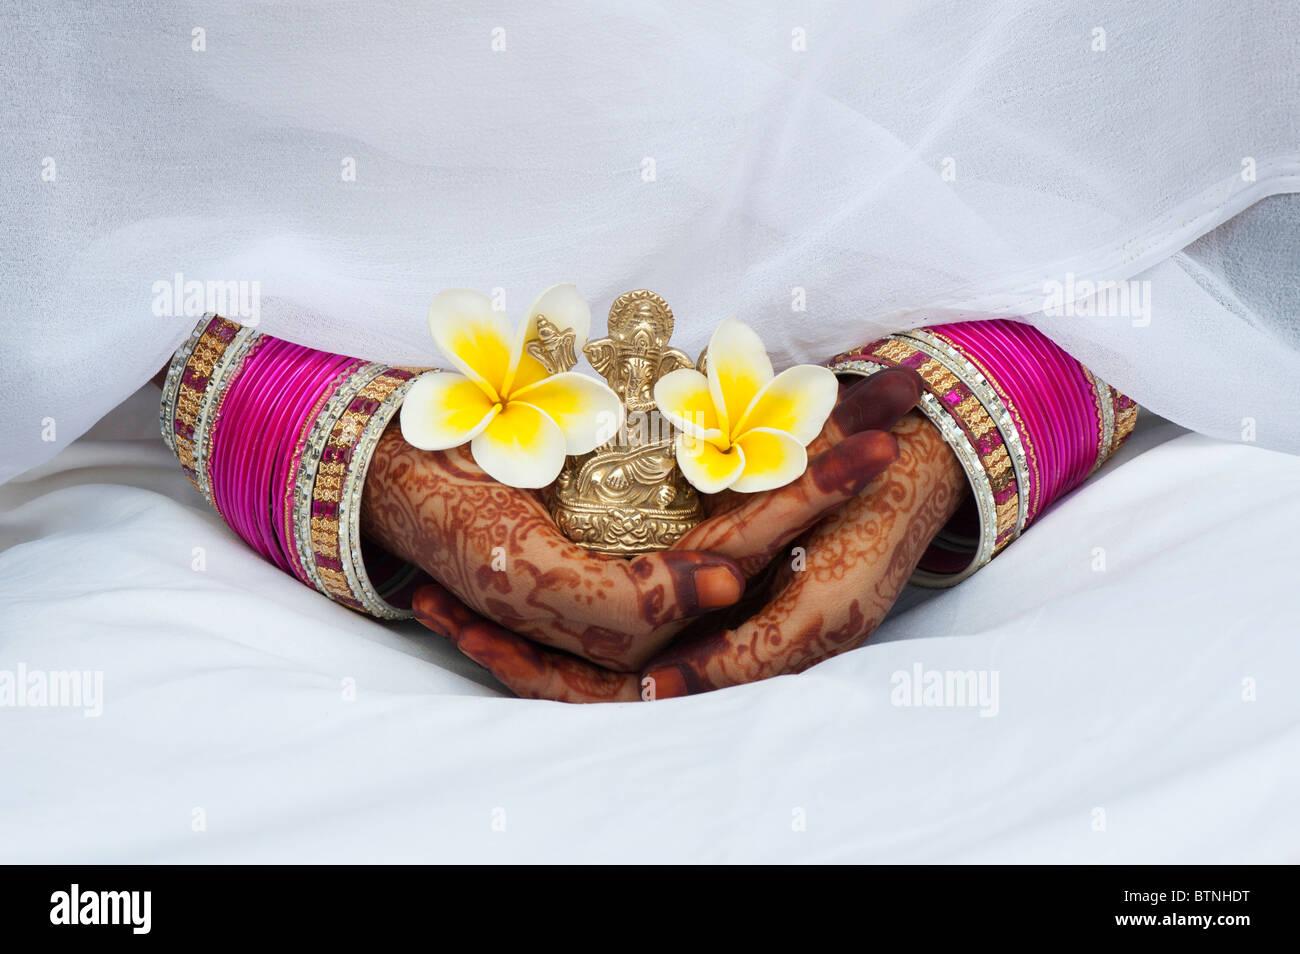 Ragazza indiana indossando di seta bianca sari con henné mani tenendo un fiore di frangipani e una statua di Immagini Stock